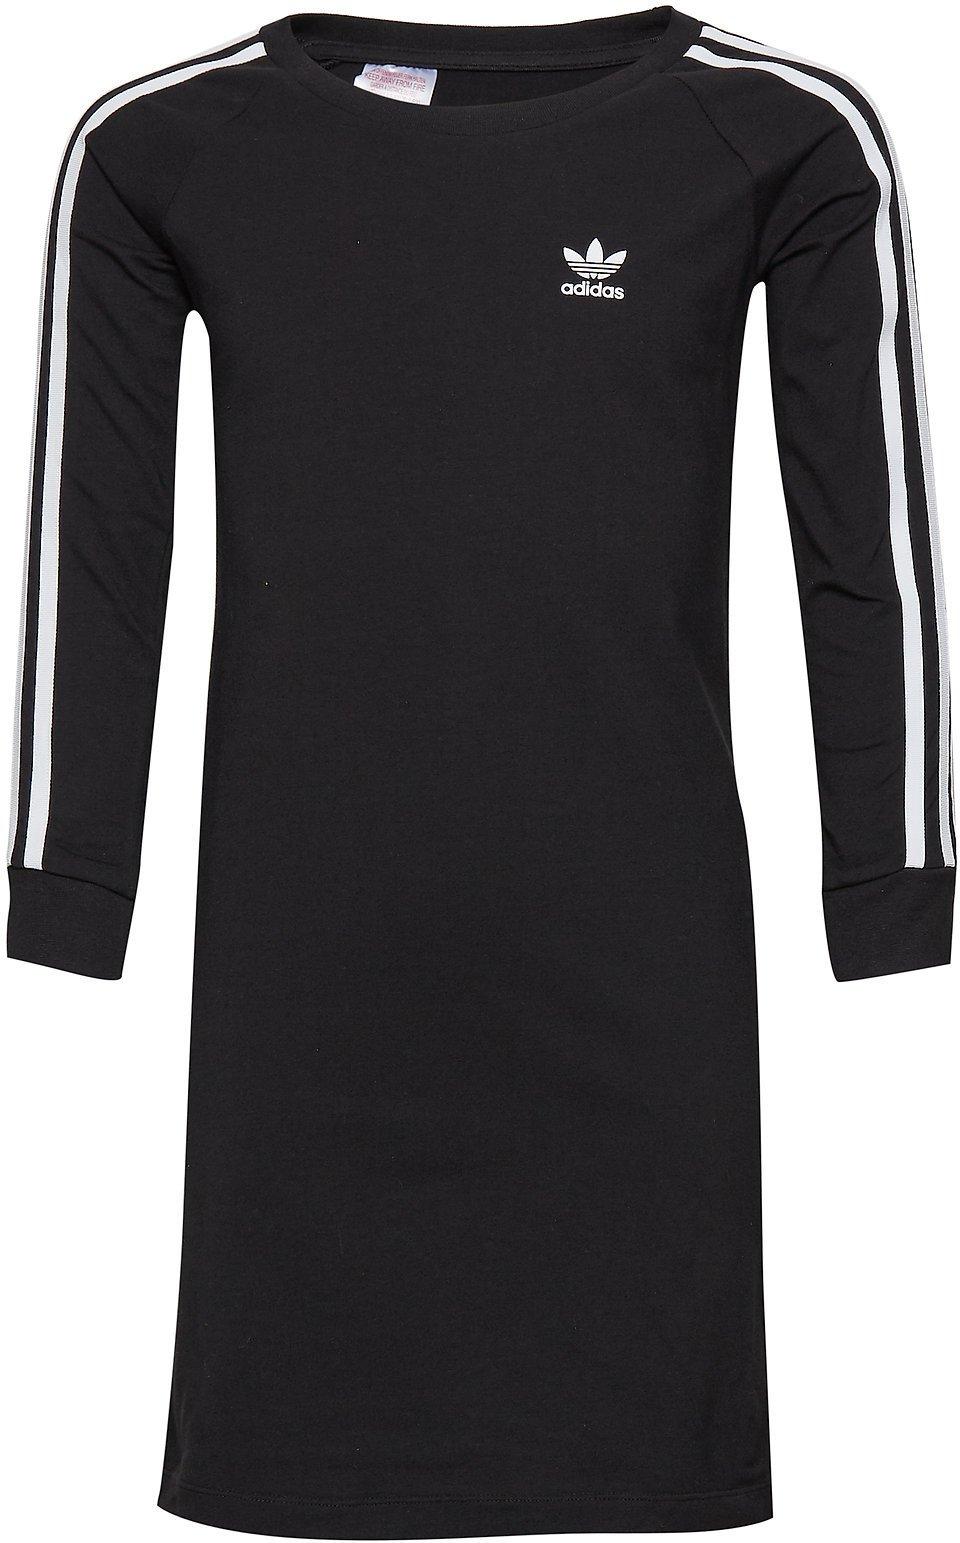 Best pris på Adidas Originals 3 Stripes Dress Se priser før kjøp